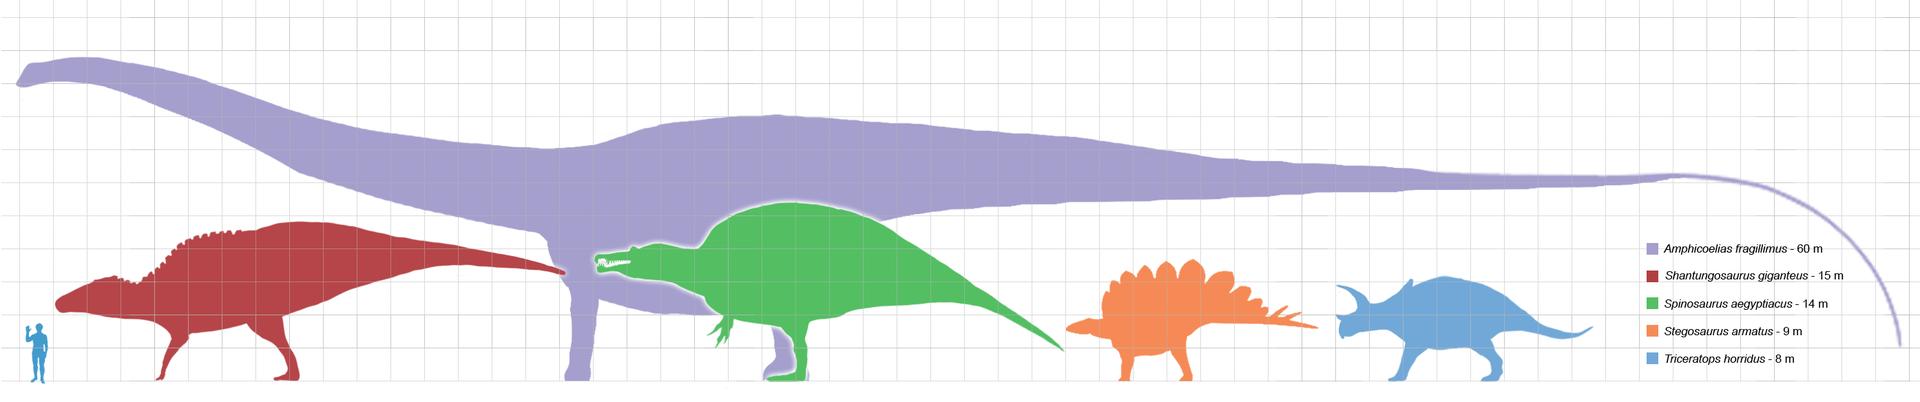 Largestdinosaursbysuborder_scale